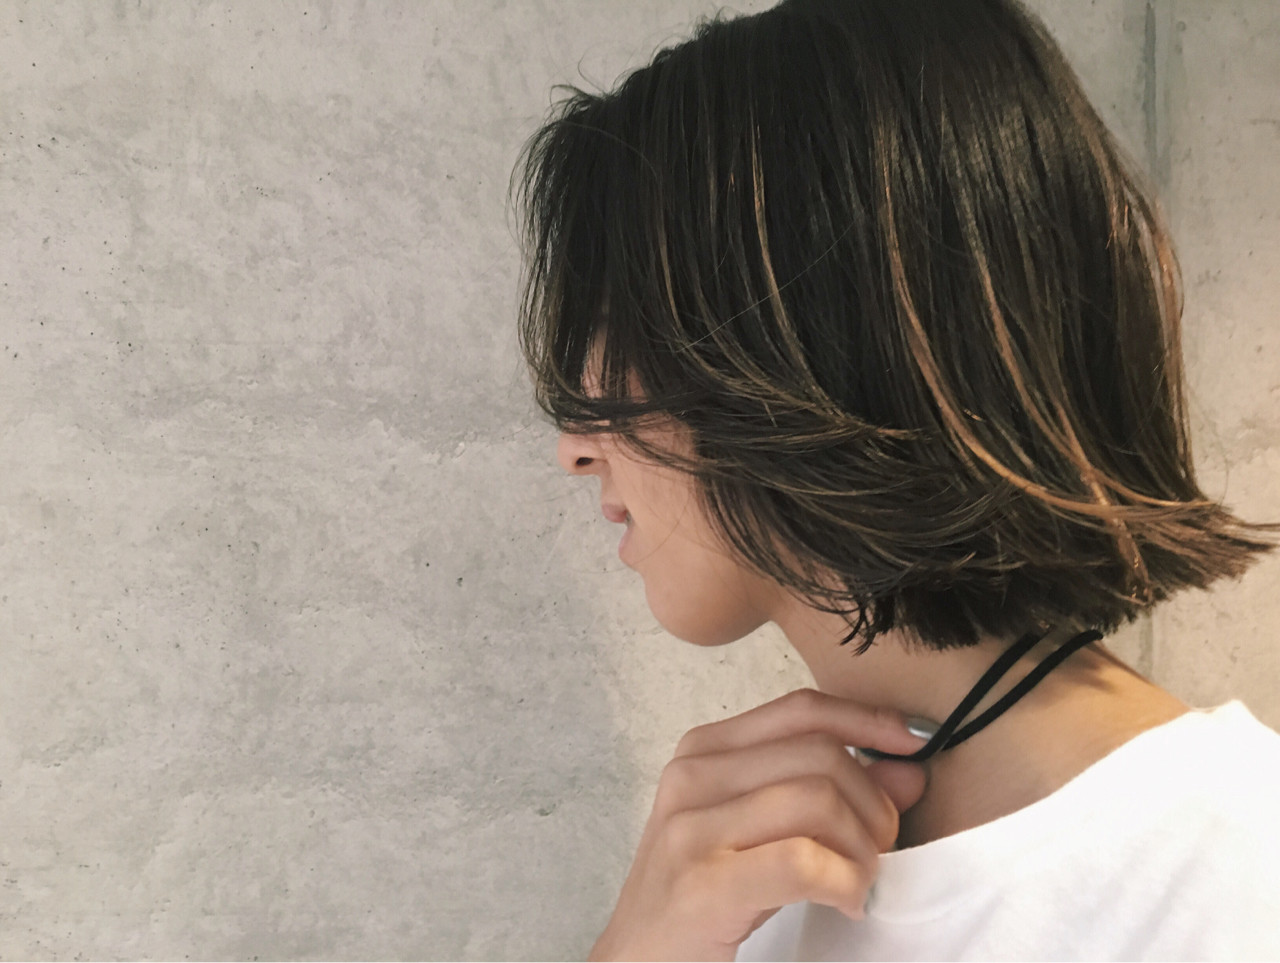 グラデーションカラー ボブ 暗髪 アッシュ ヘアスタイルや髪型の写真・画像 | Sayaka / diptyMOILA